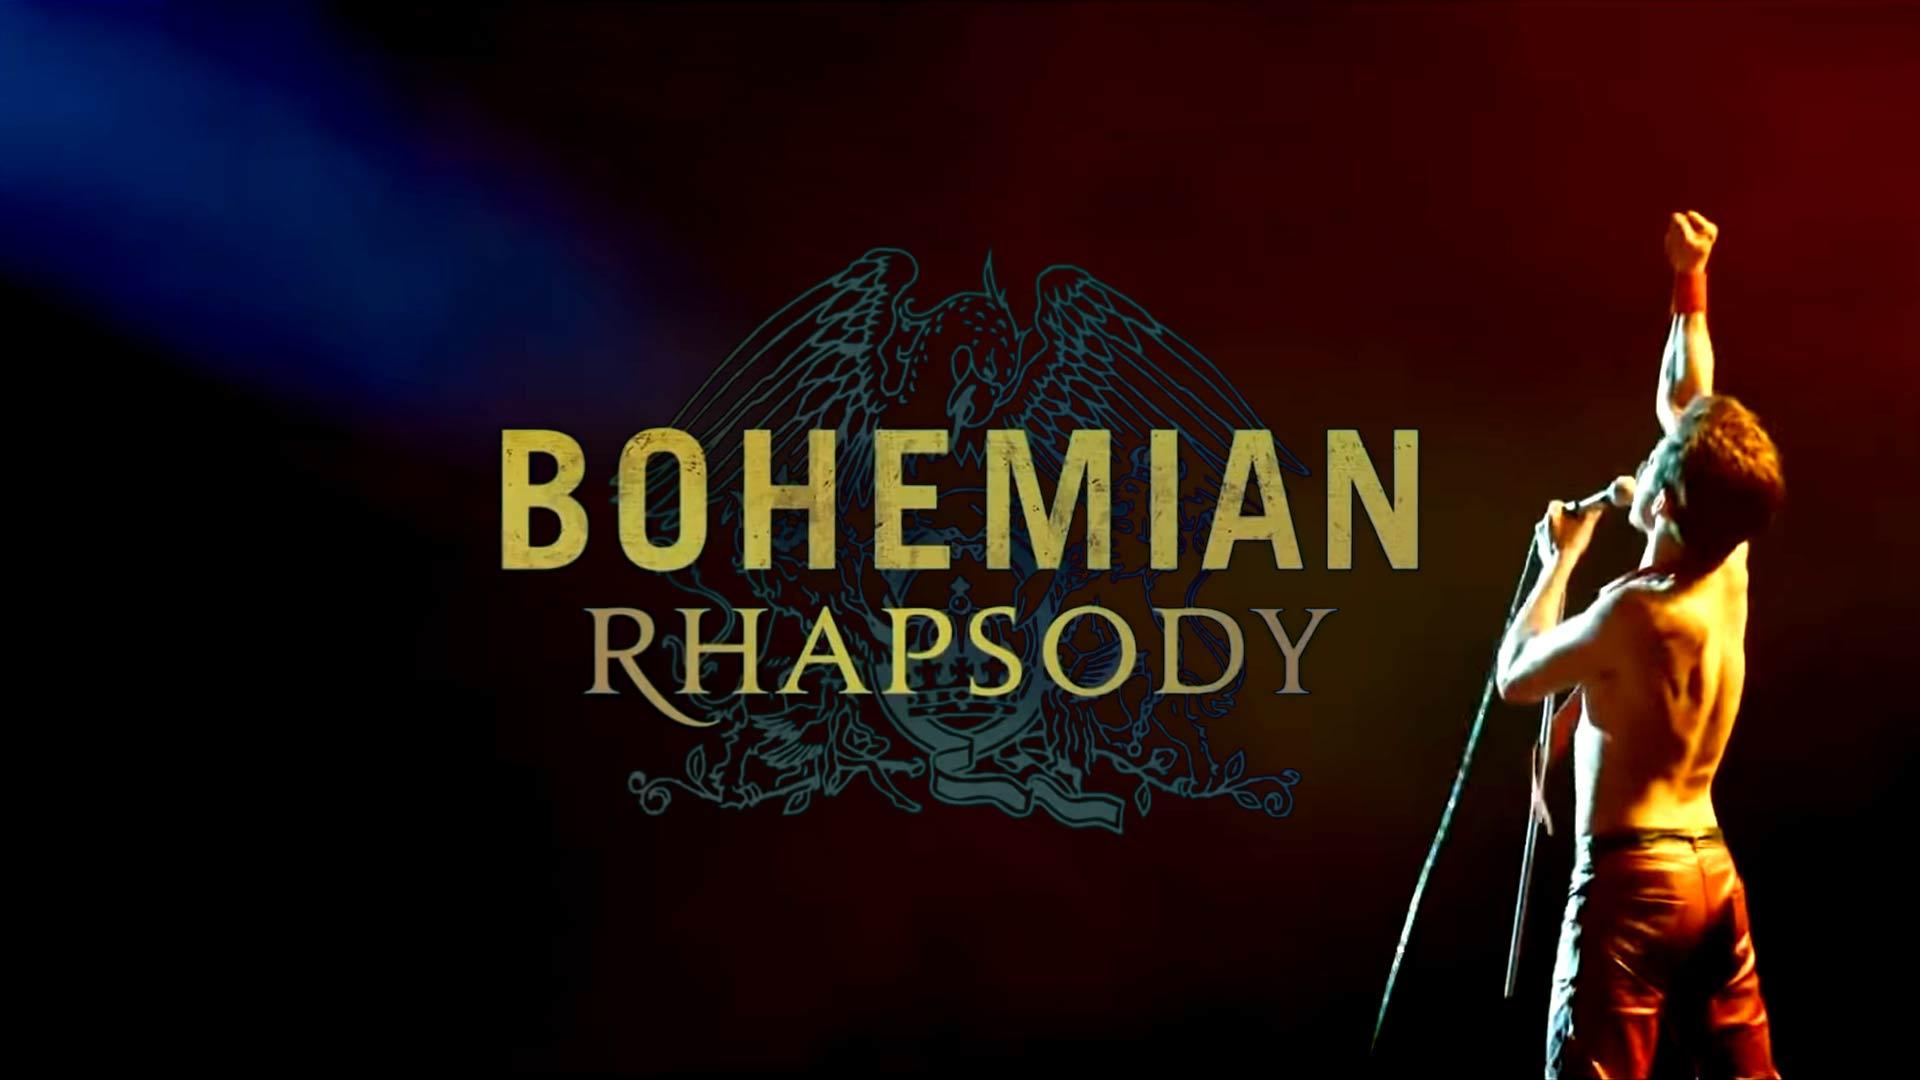 Bohemian Rhapsody vo hviezdnom gitarovom prevedení